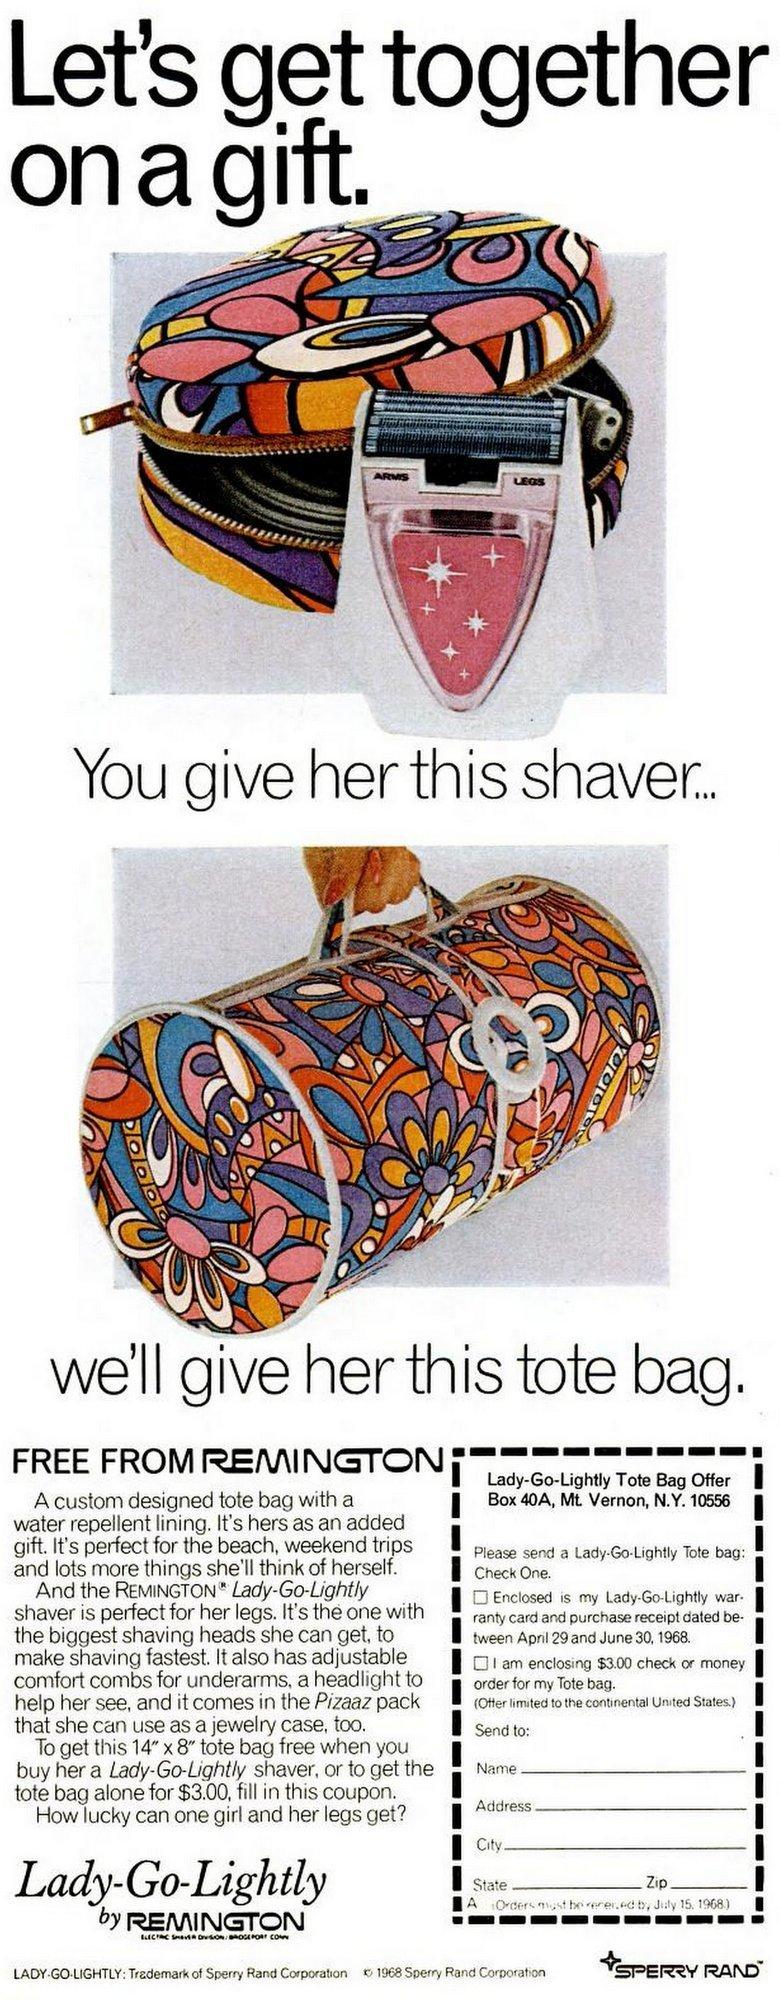 Remington Lady Go Lightly shaver - vintage tote bag offer (1968)